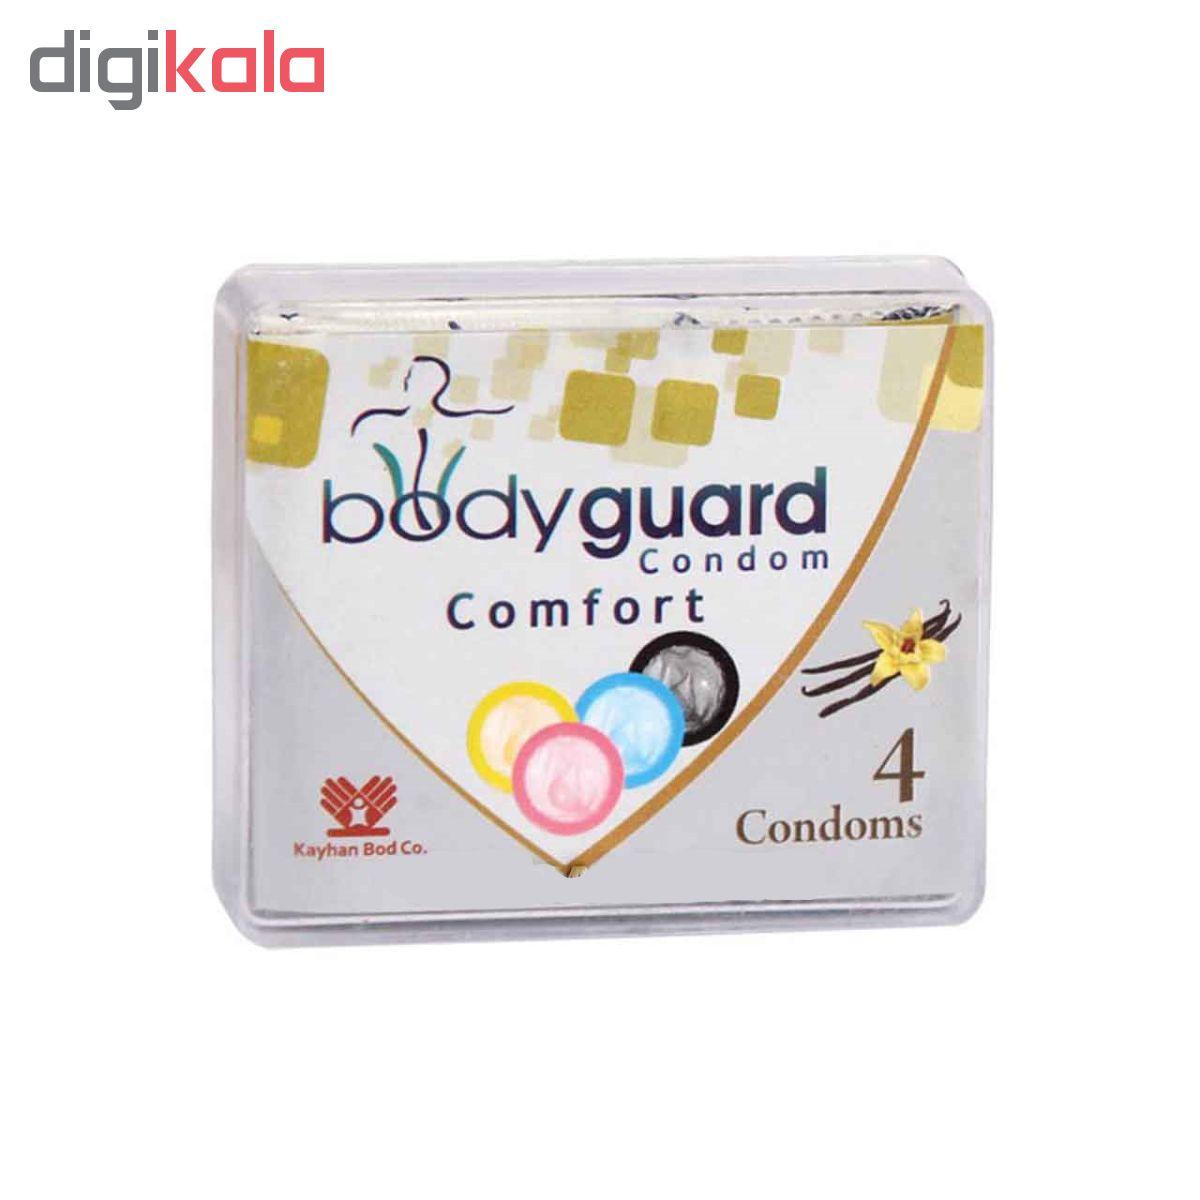 کاندوم کاپوت مدل 7Hot Time بسته 12 عددی به همراه کاندوم بادیگارد مدل Comfort بسته 4 عددی